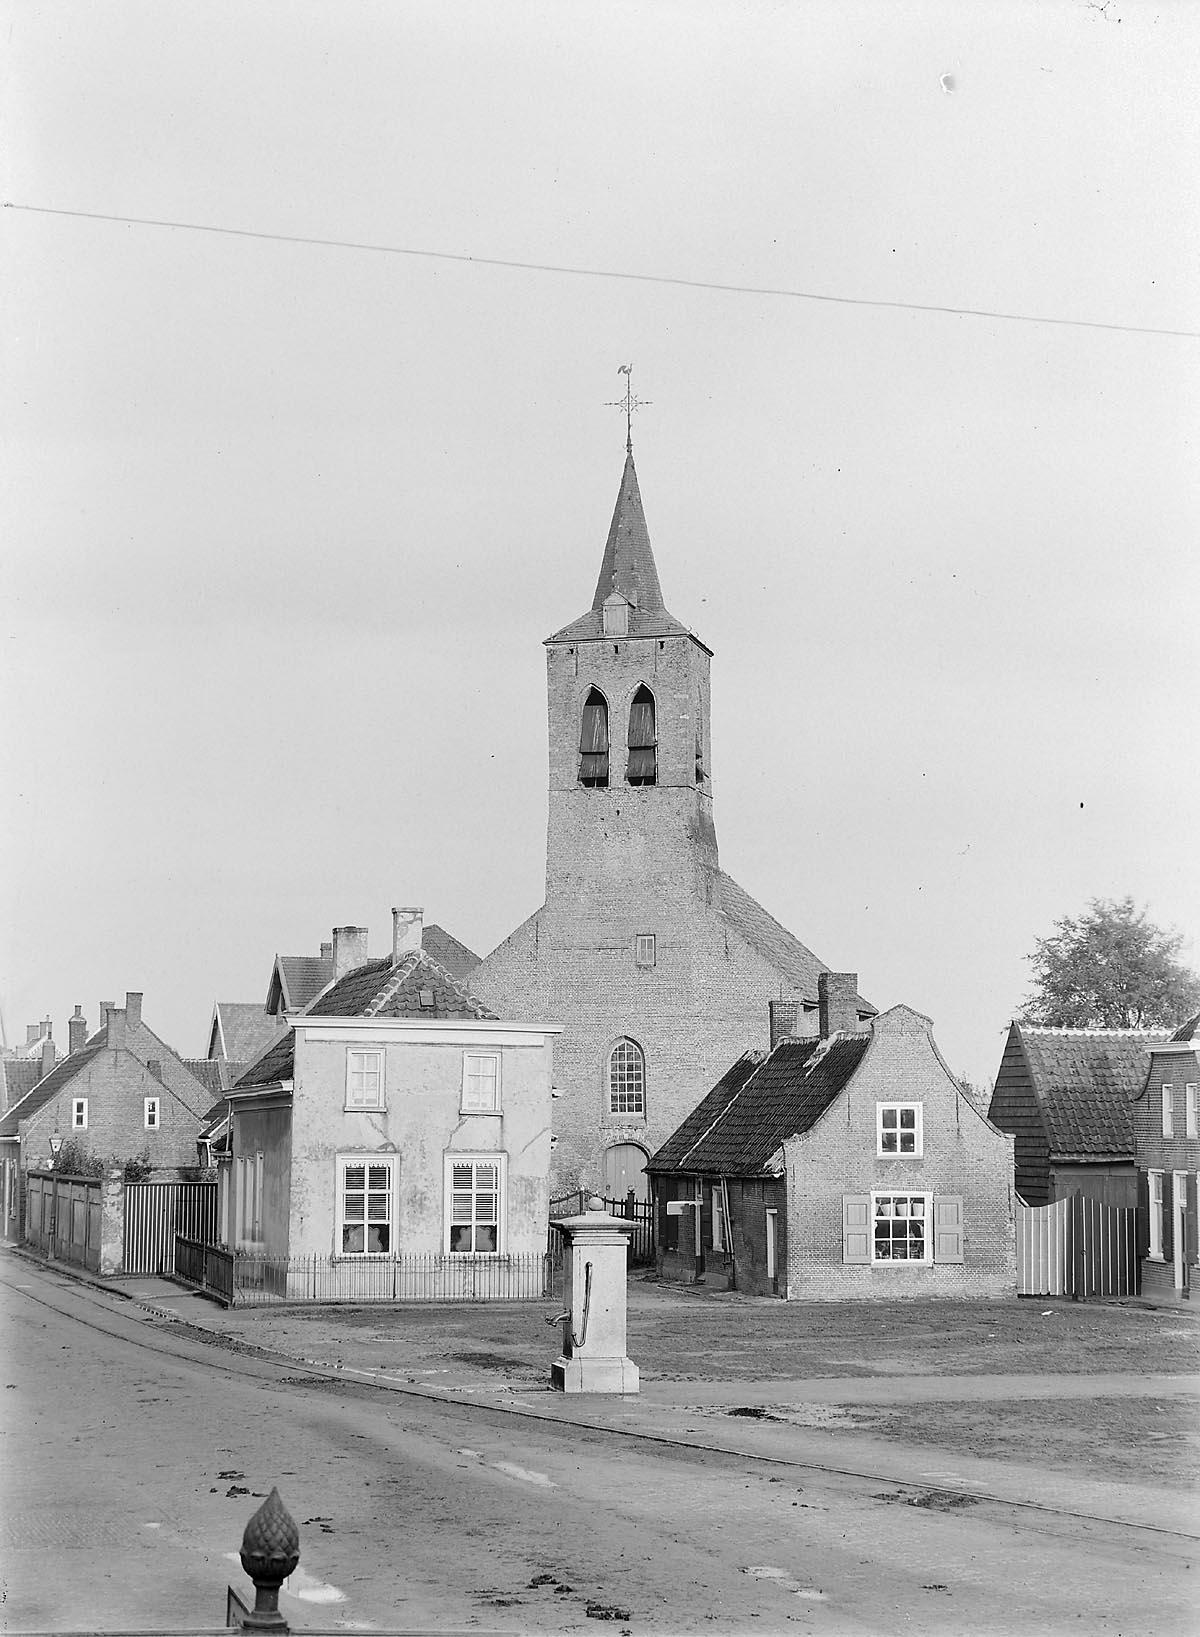 kruisland